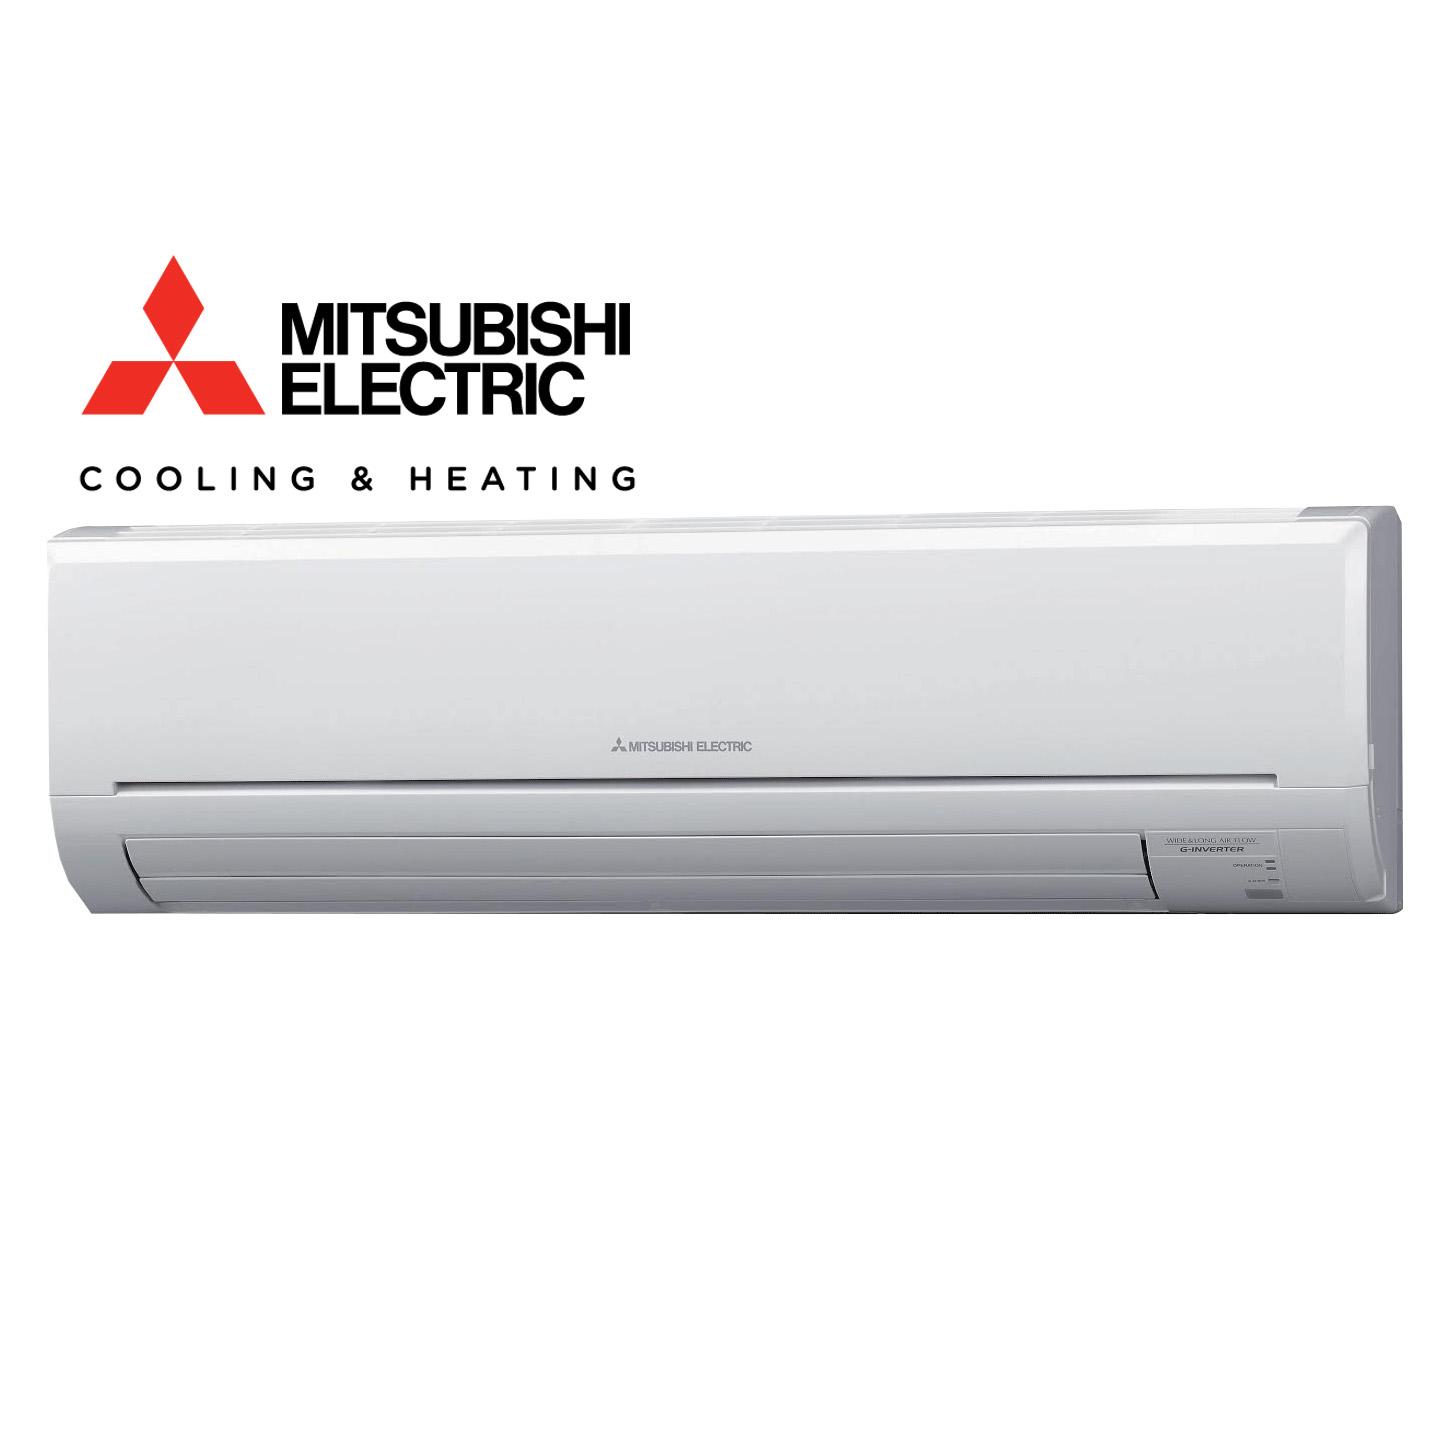 Mitsubishi Electric klima uredjaj MSH-GF80VA / MUH-GF80VA  - Inelektronik